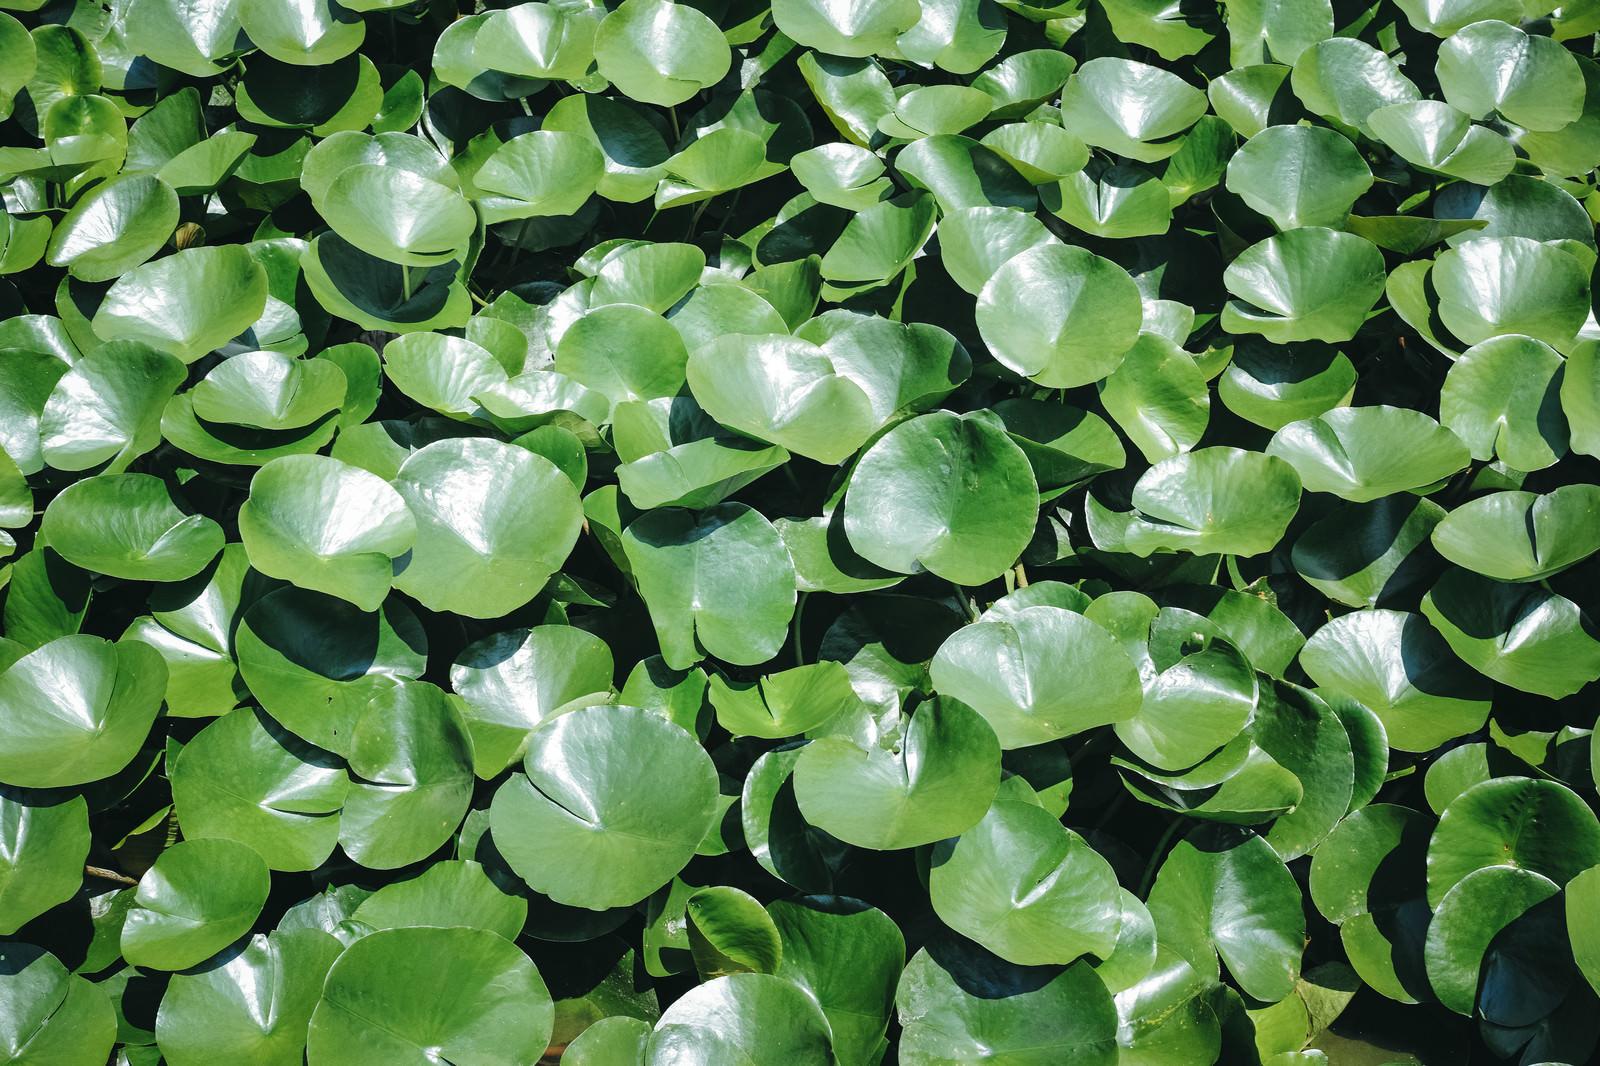 「艶のある葉っぱ」の写真